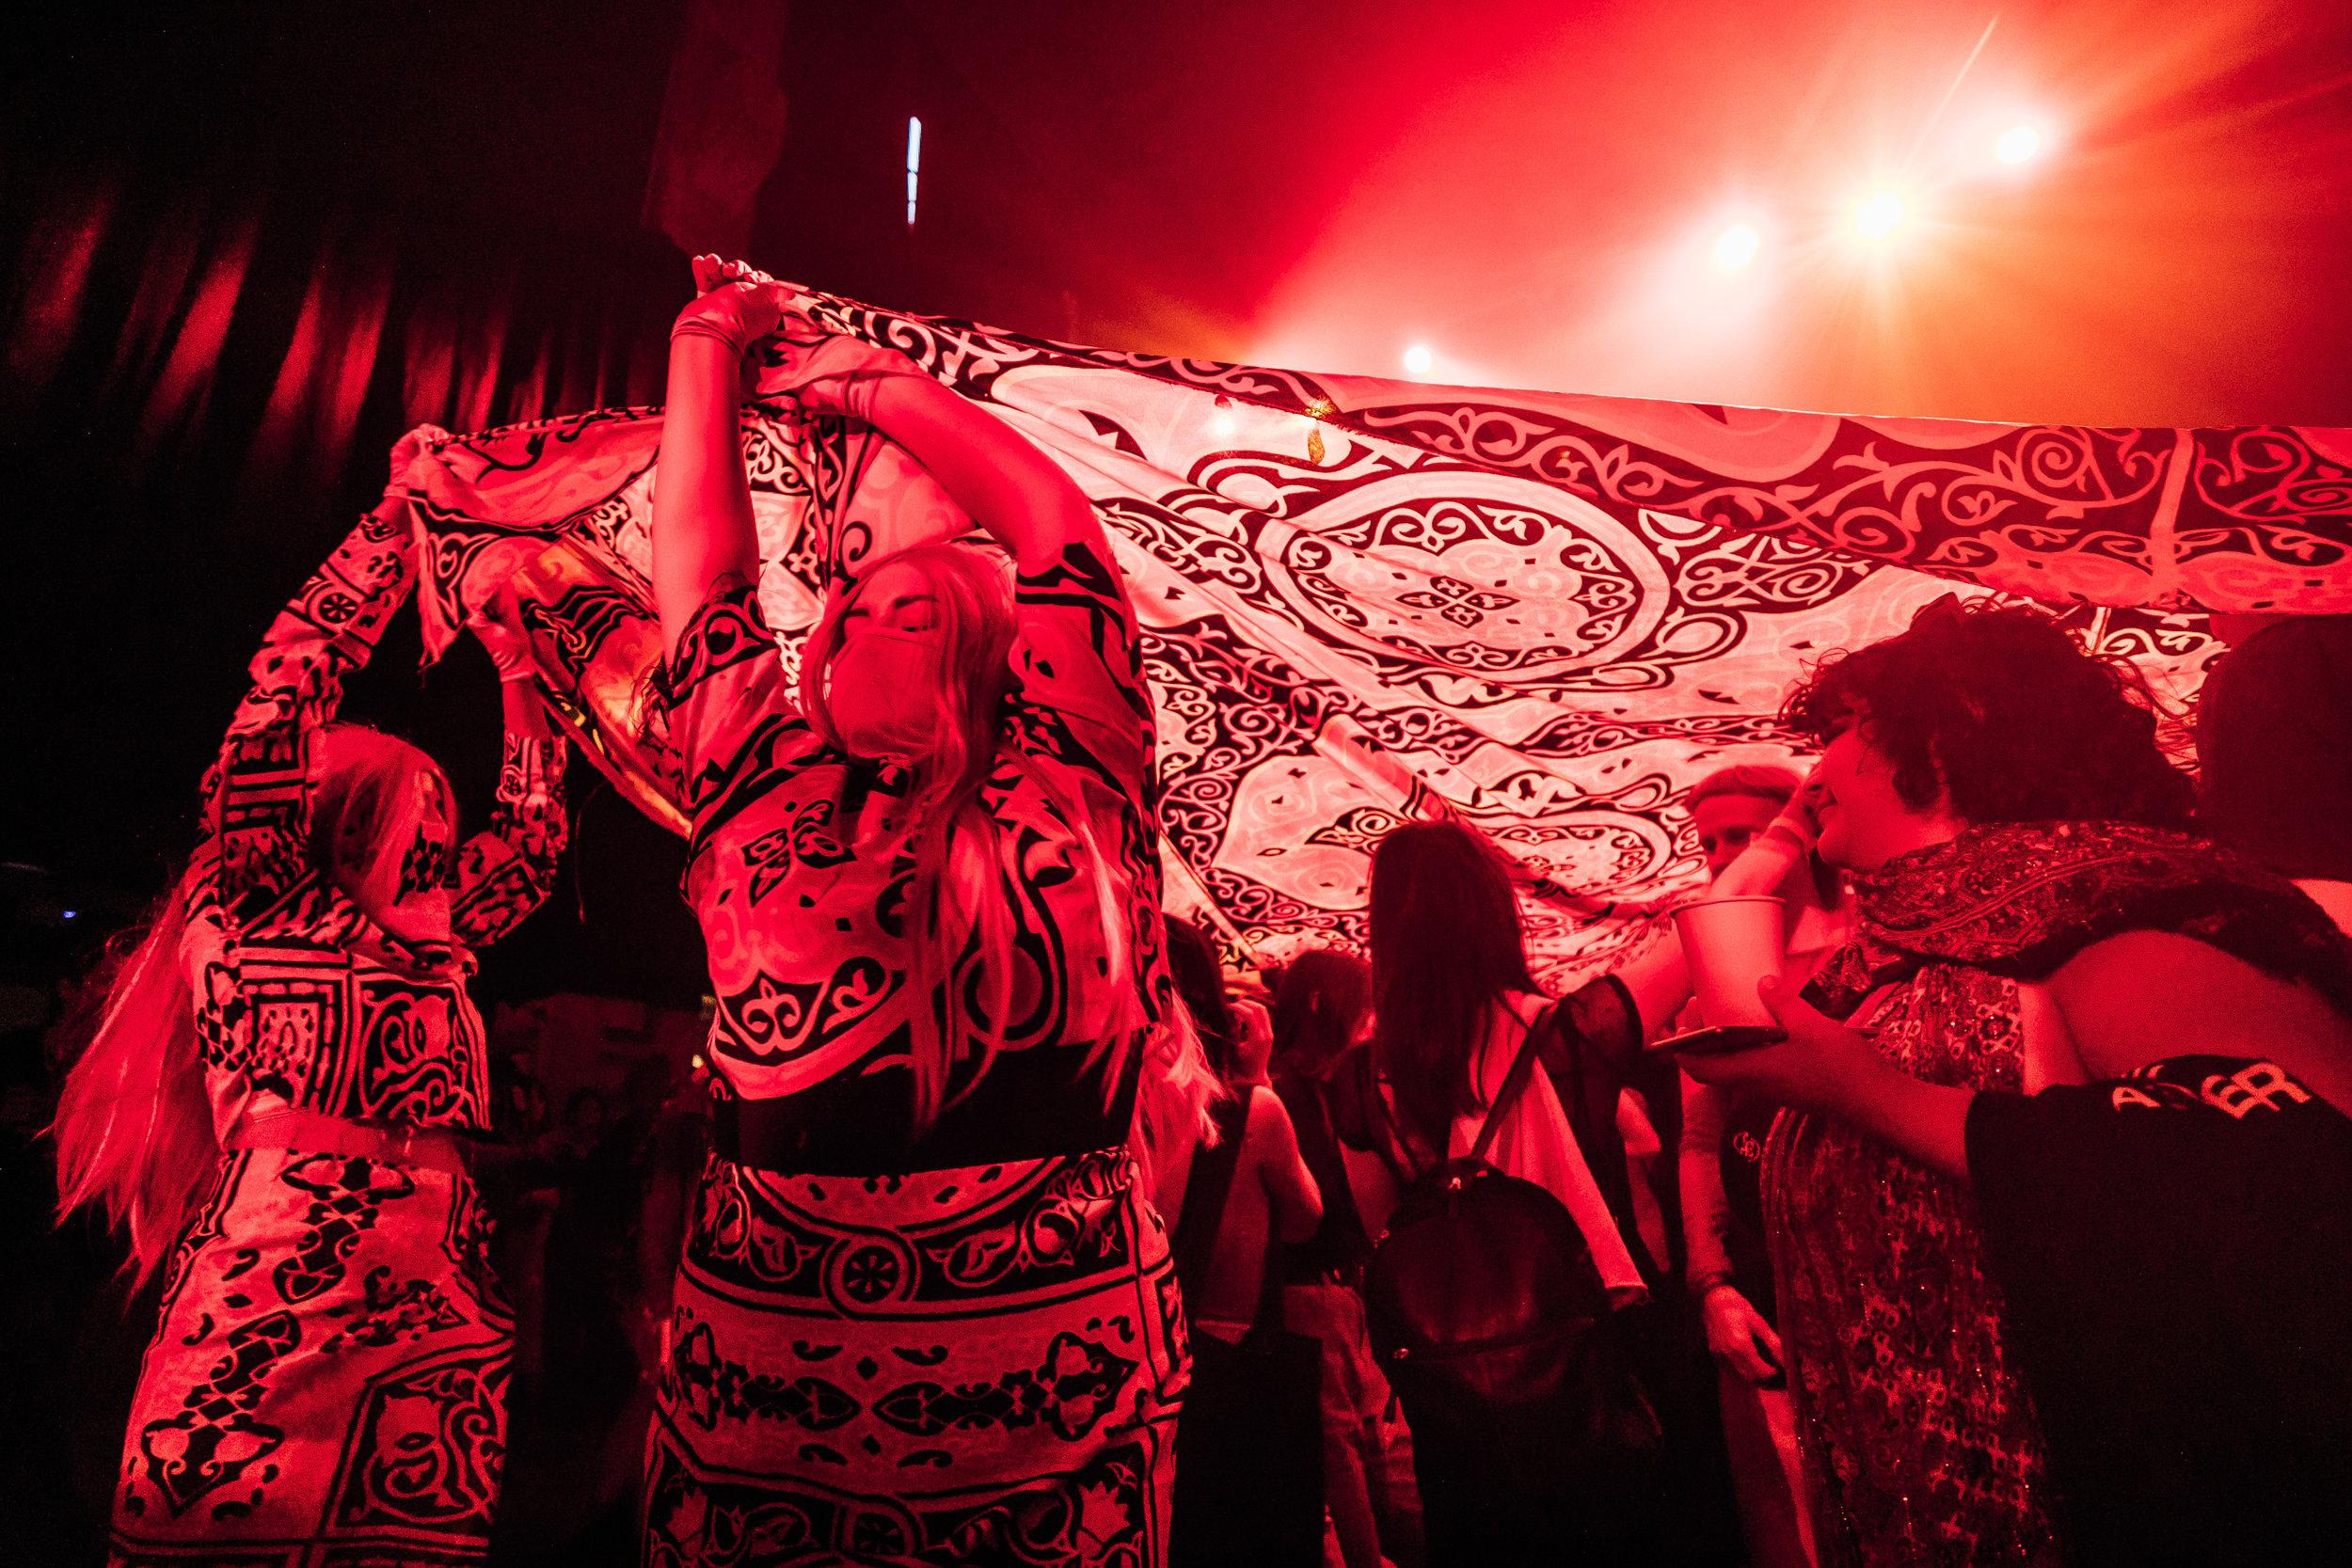 SOFT CENTRE FESTIVAL 2018-39-JORDAN MUNNS.jpg